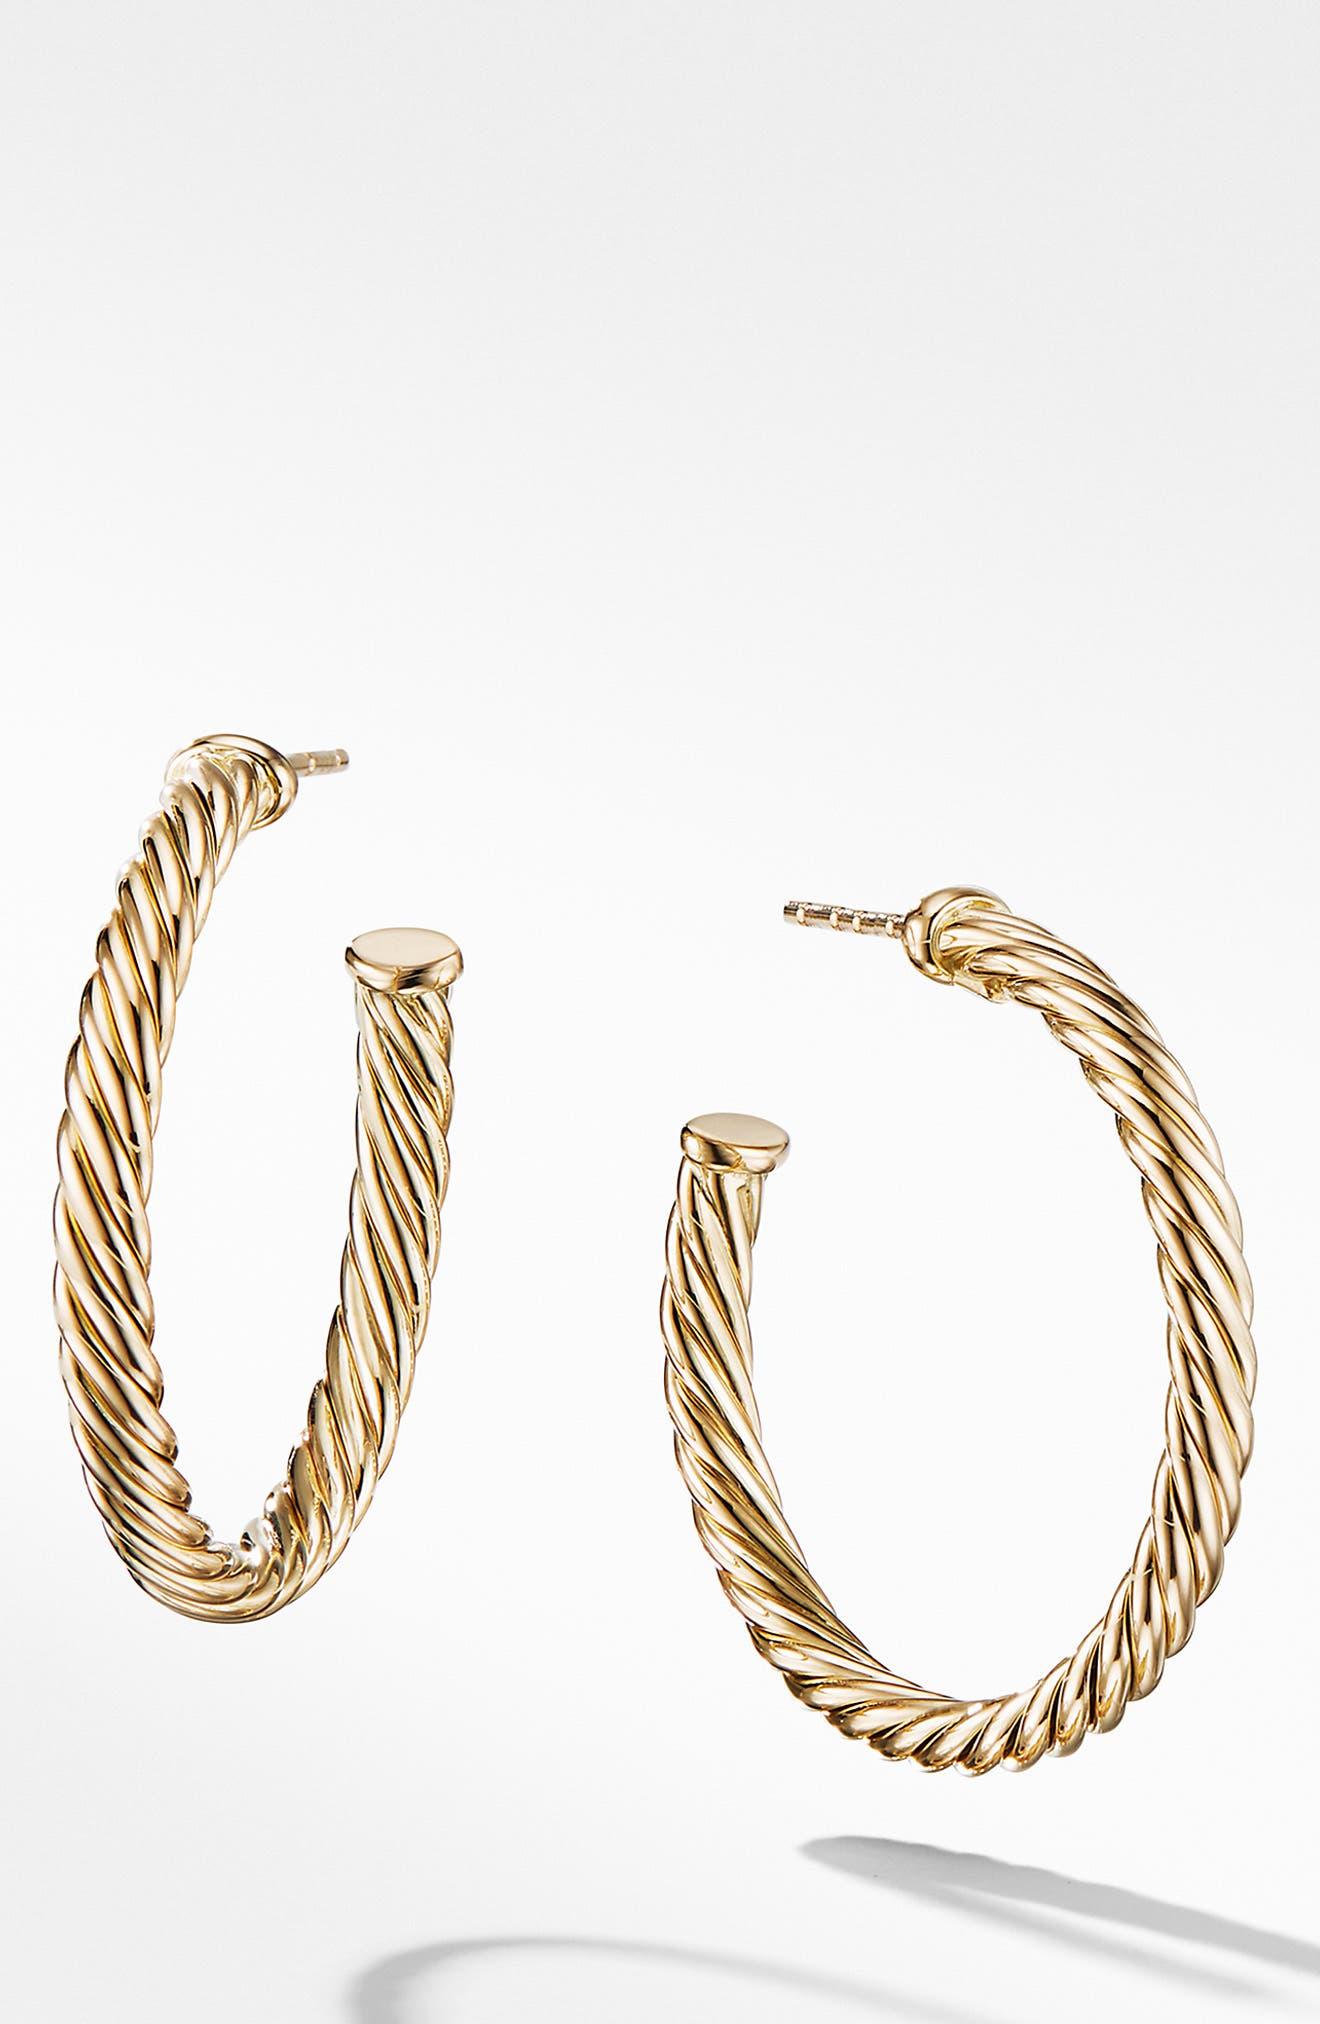 DAVID YURMAN, Cable Loop Hoop Earrings, Main thumbnail 1, color, GOLD